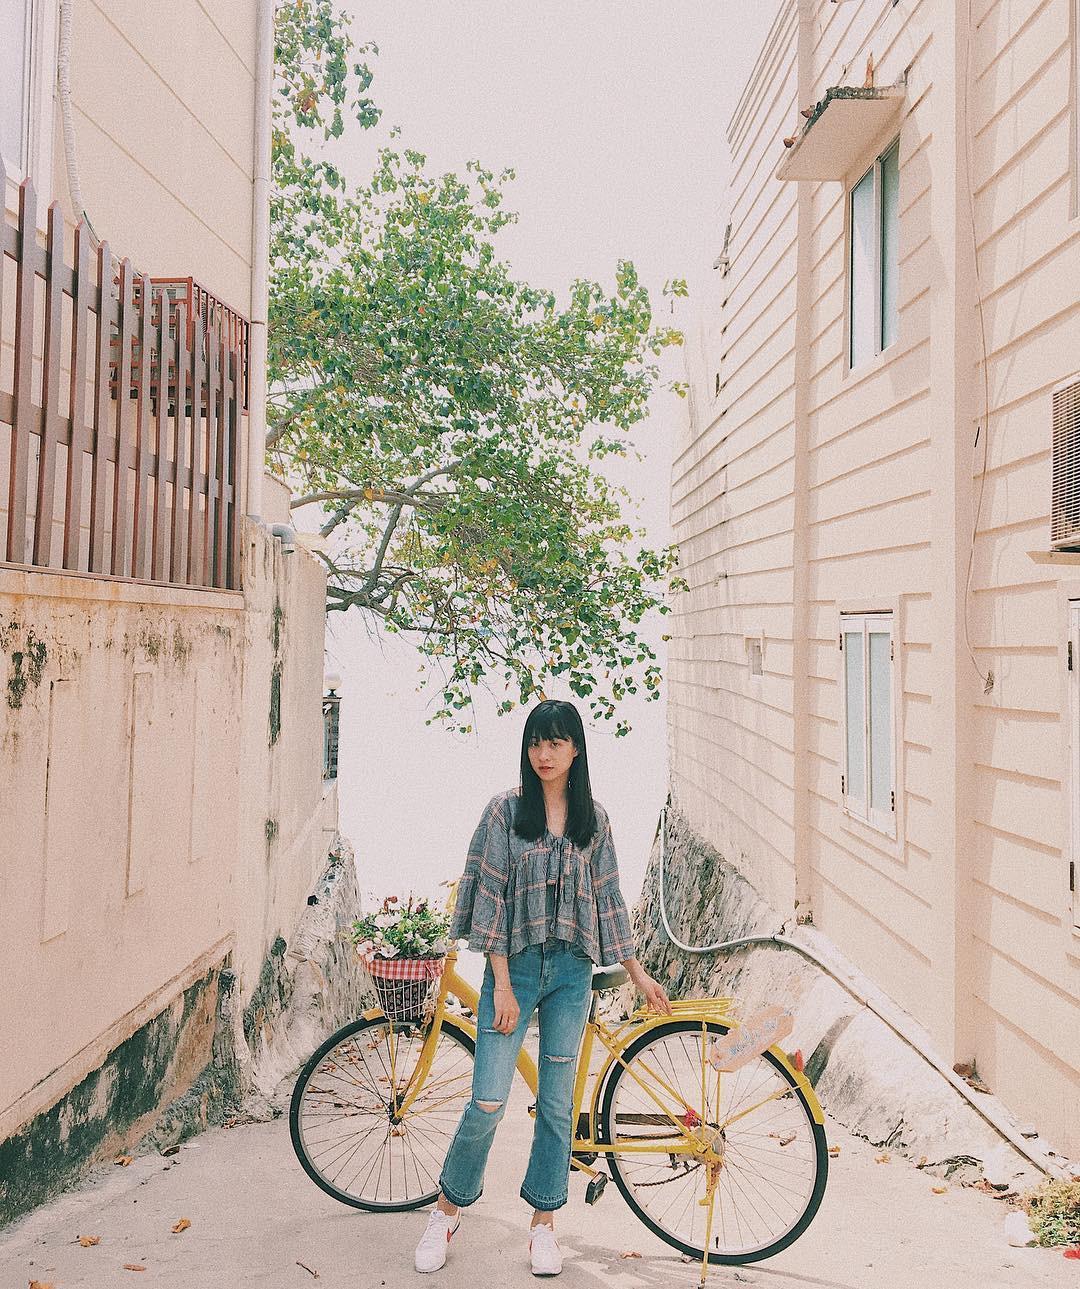 Con hẻm sống ảo tại Vũng Tàu đang là địa điểm được giới trẻ check-in rần rần trên Instagram - Ảnh 1.